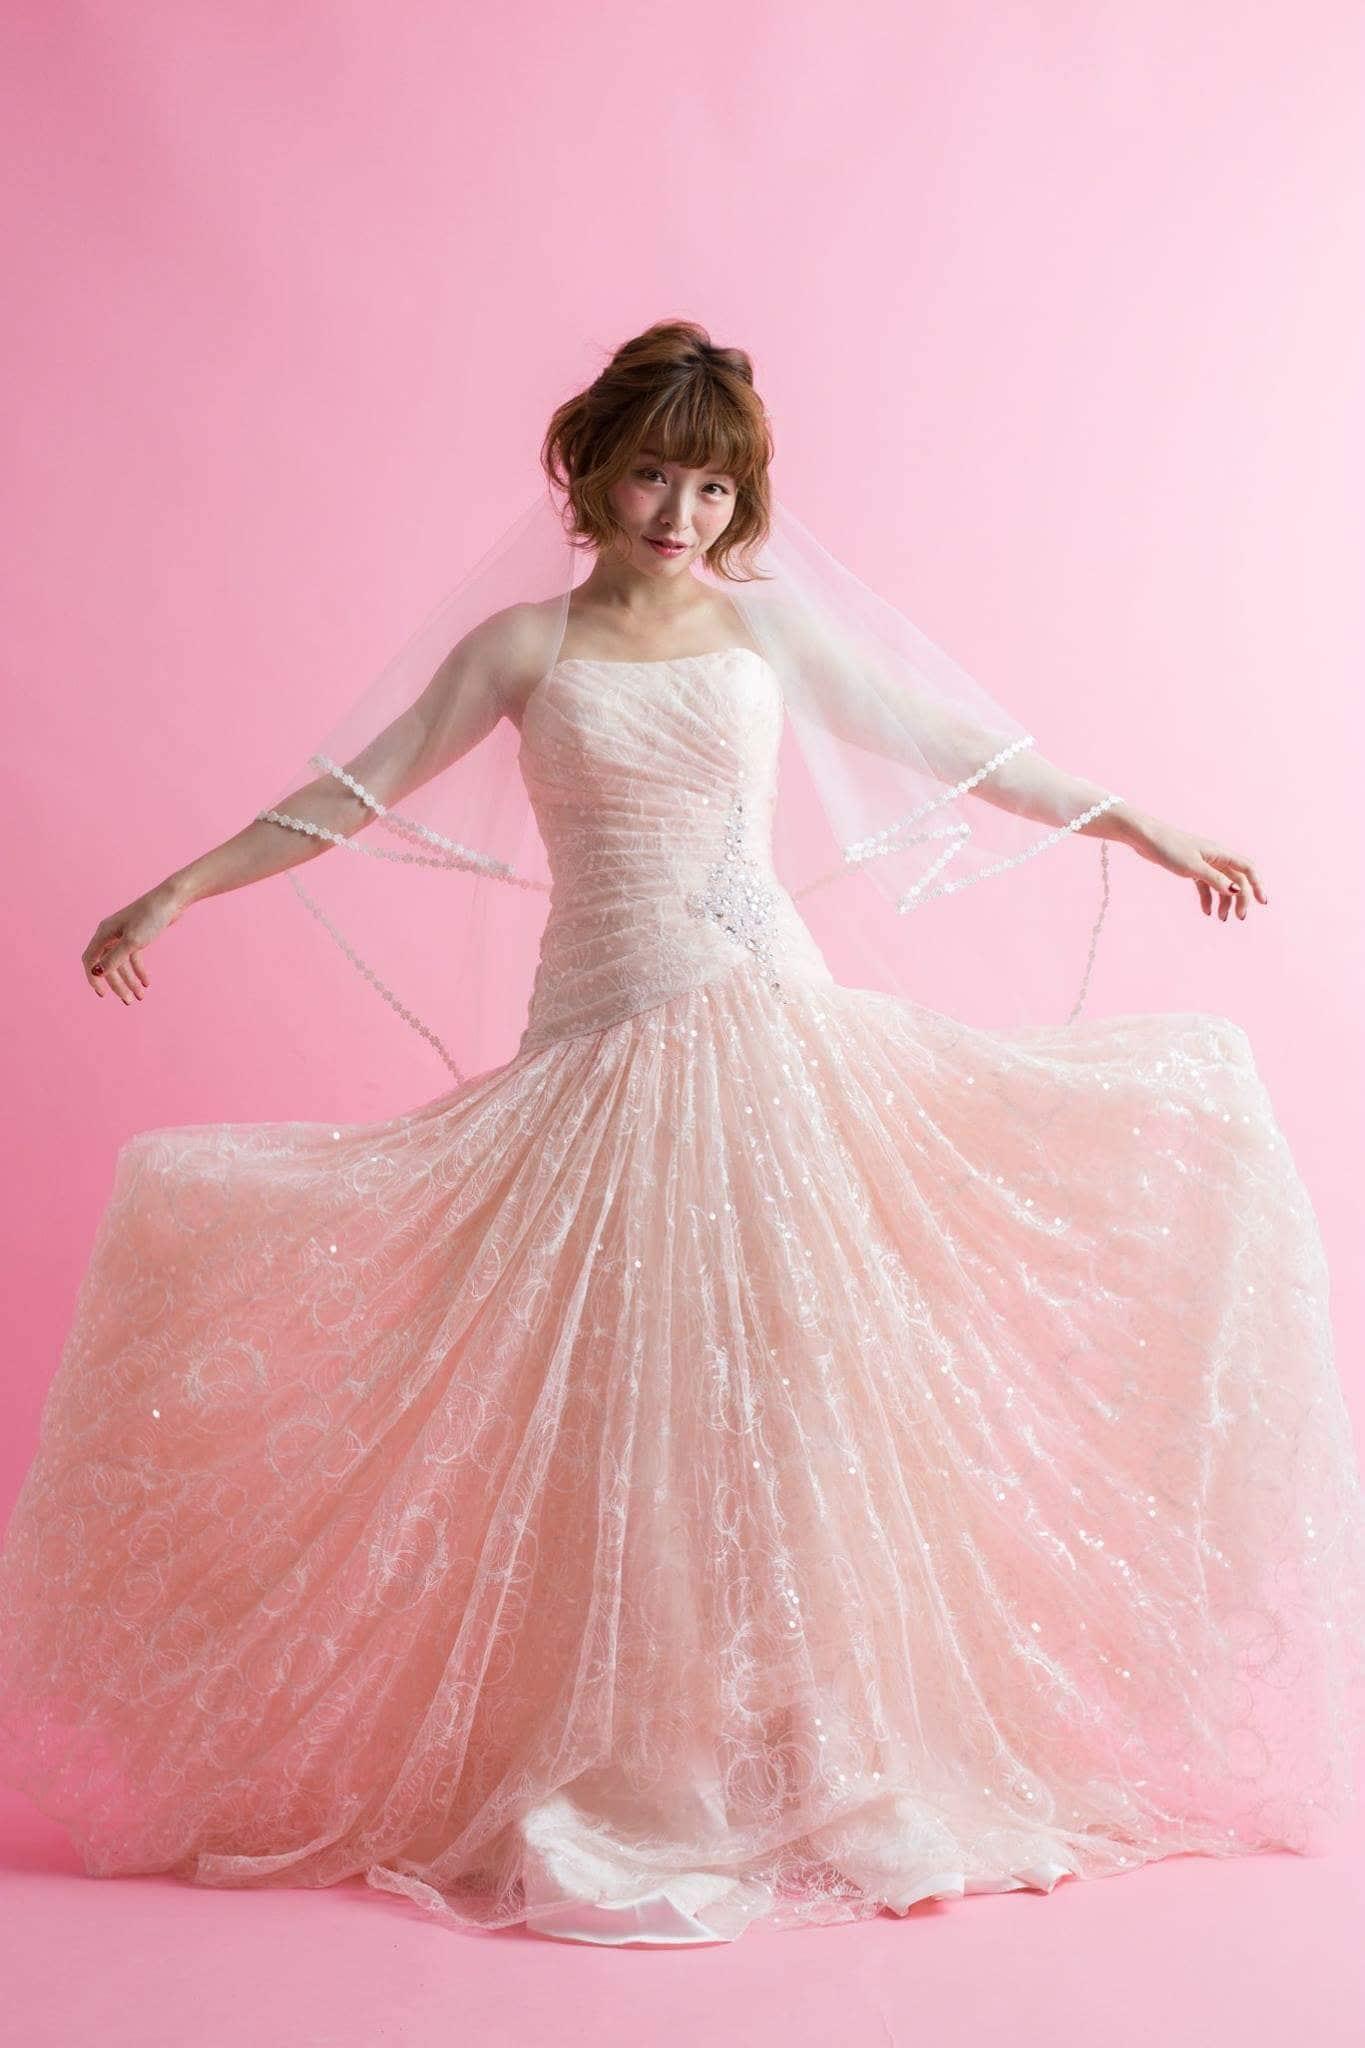 レンタルウエディングドレス(シャーリーナチュラルピンク)のイメージその2